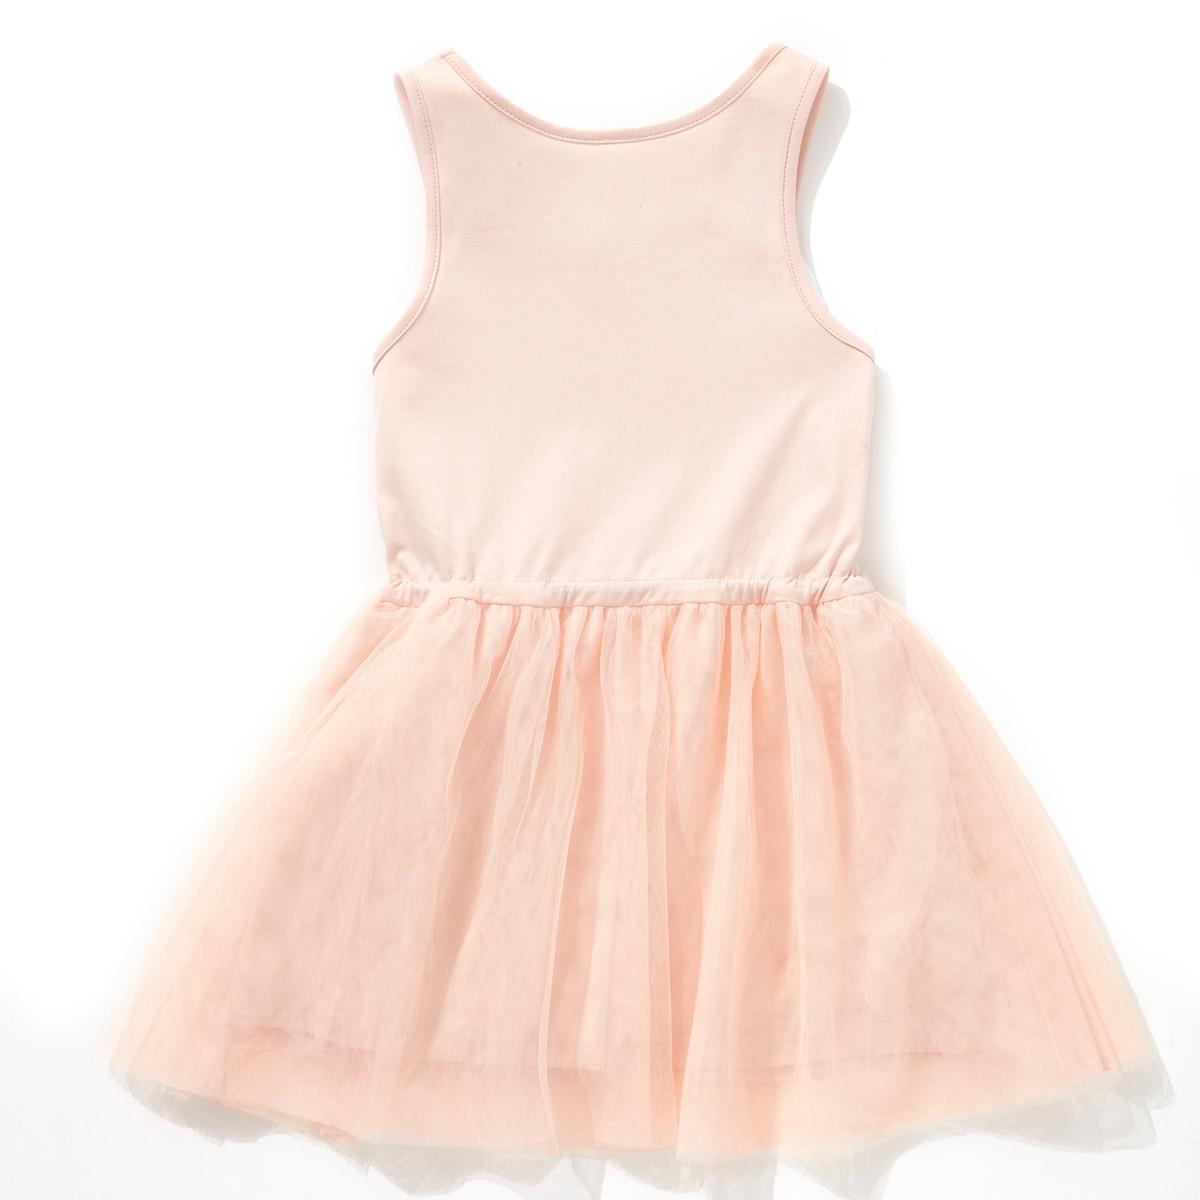 Платье LA REDOUTE CREATIONВерх из джерси, 100% хлопка. Низ с воланами из тюля, 100% полиэстера.<br><br>Цвет: розовый